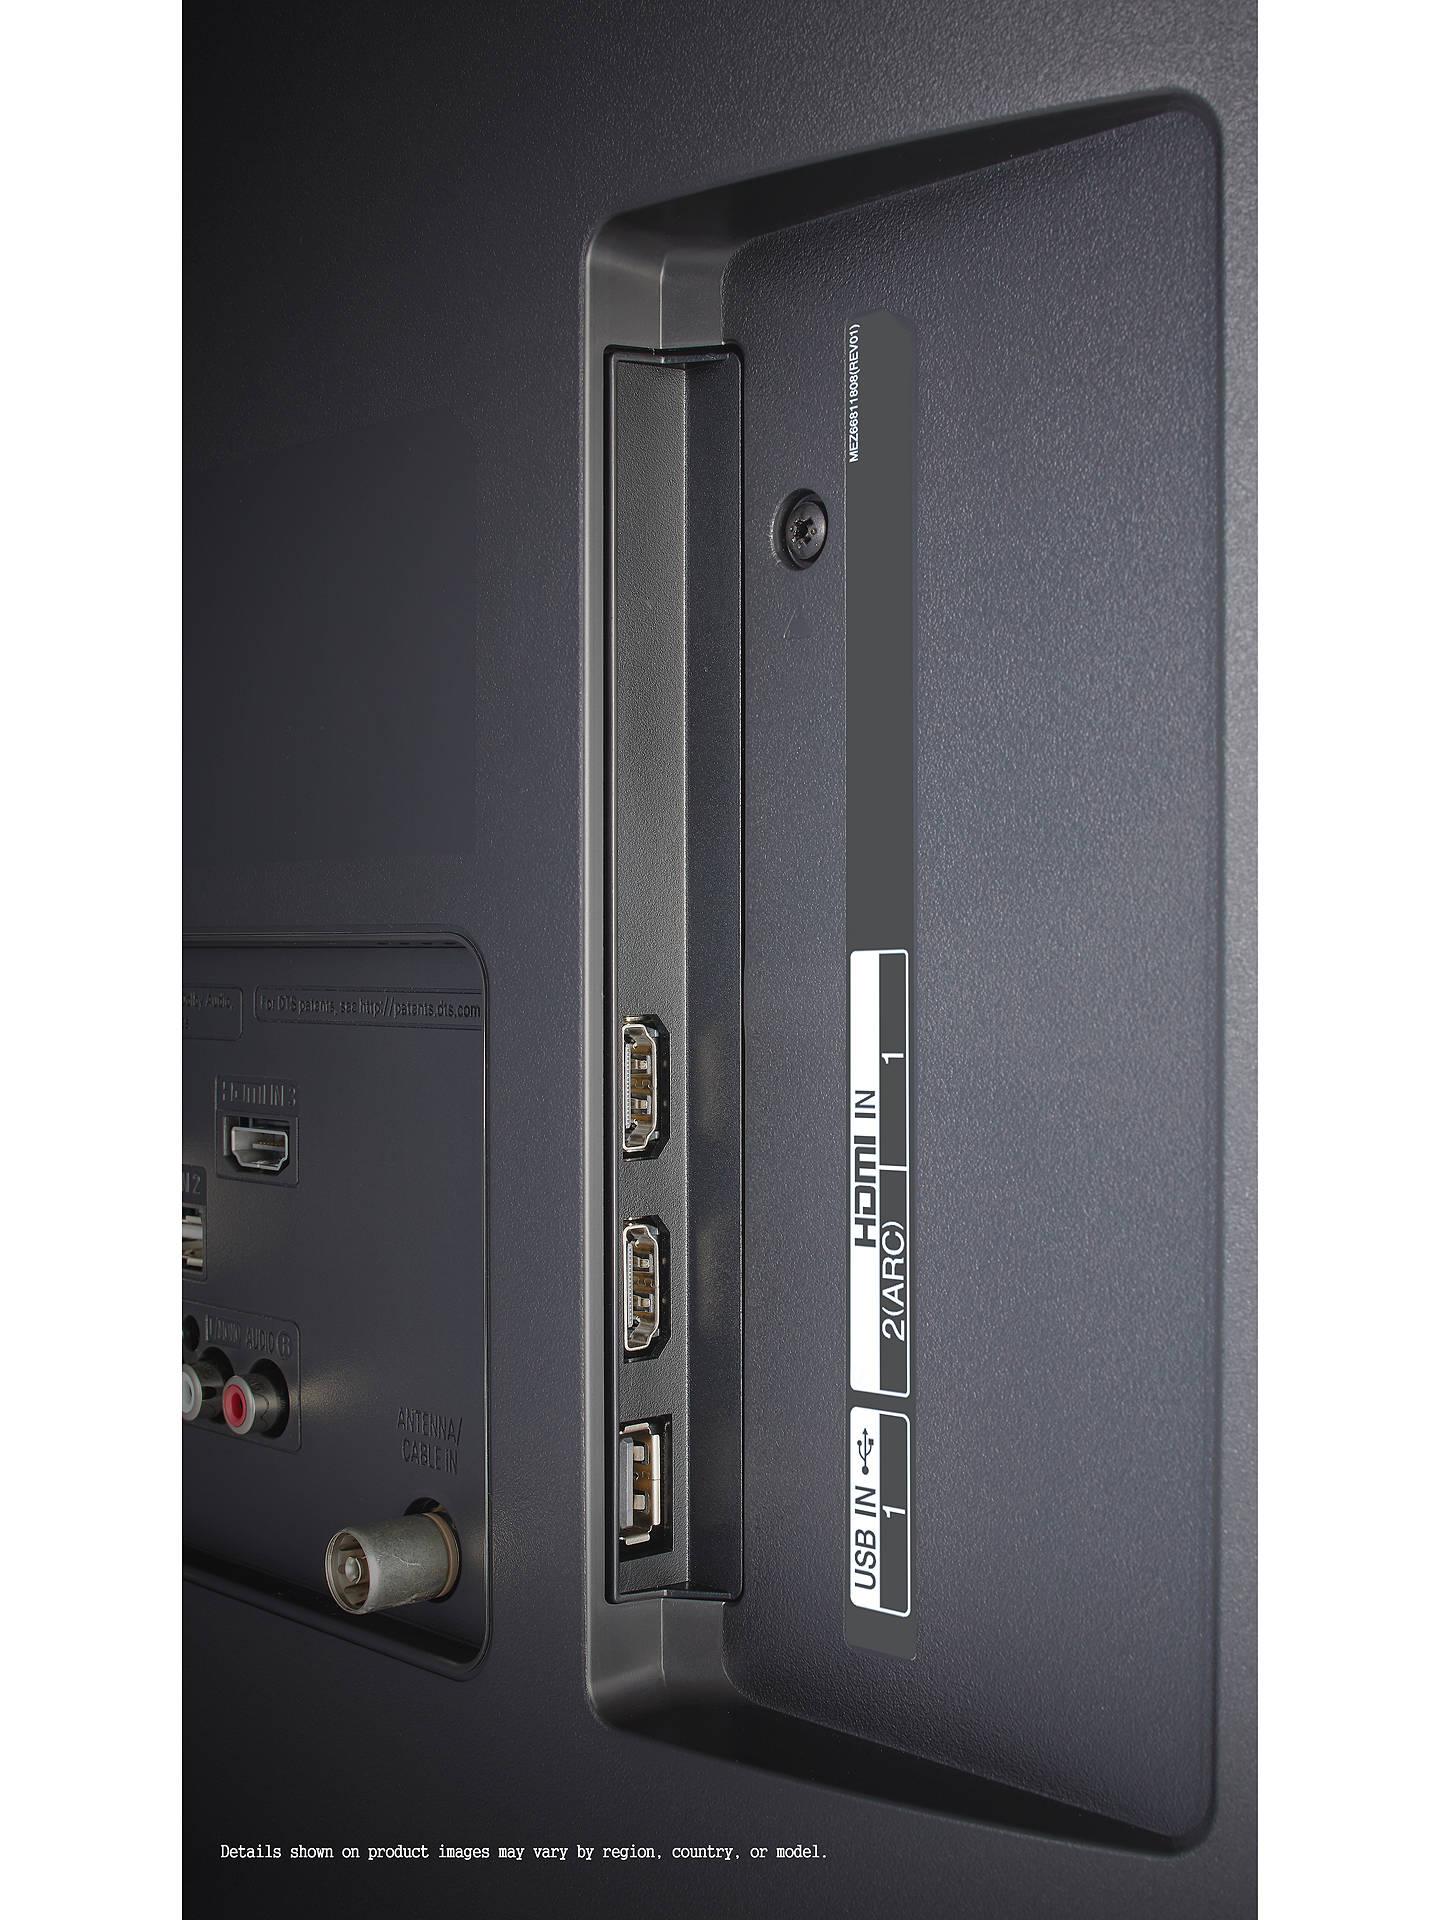 LG 43UM7400PLB (2019) LED HDR 4K Ultra HD Smart TV, 43